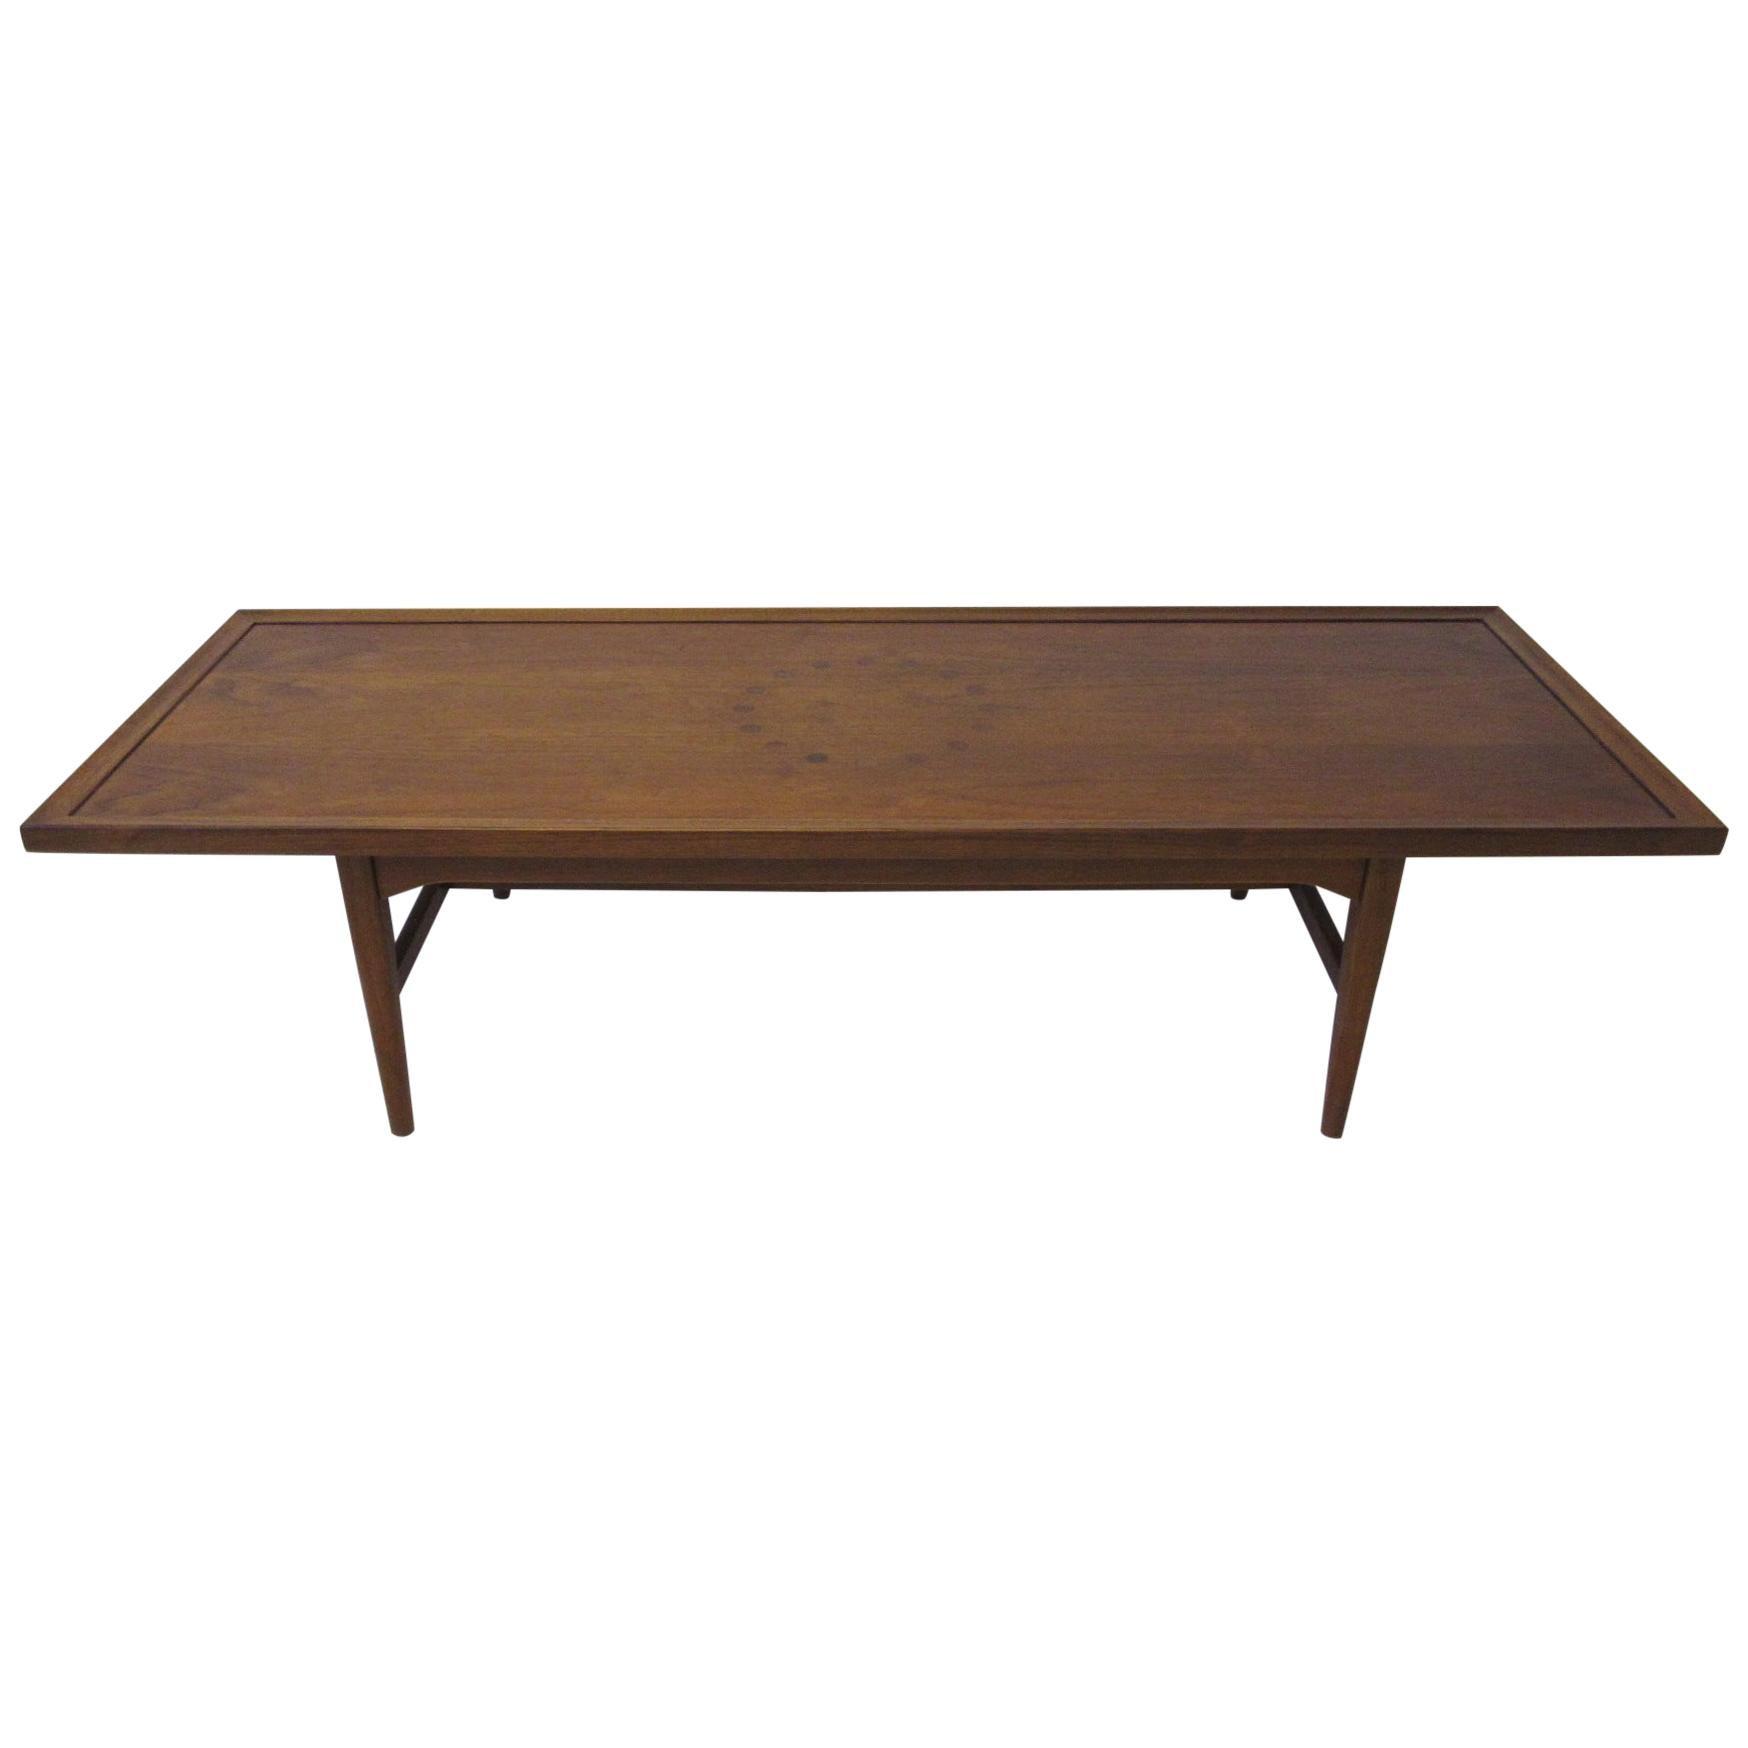 Walnut Rosewood Coffee Table by Kipp Stewart for Drexel Declaration